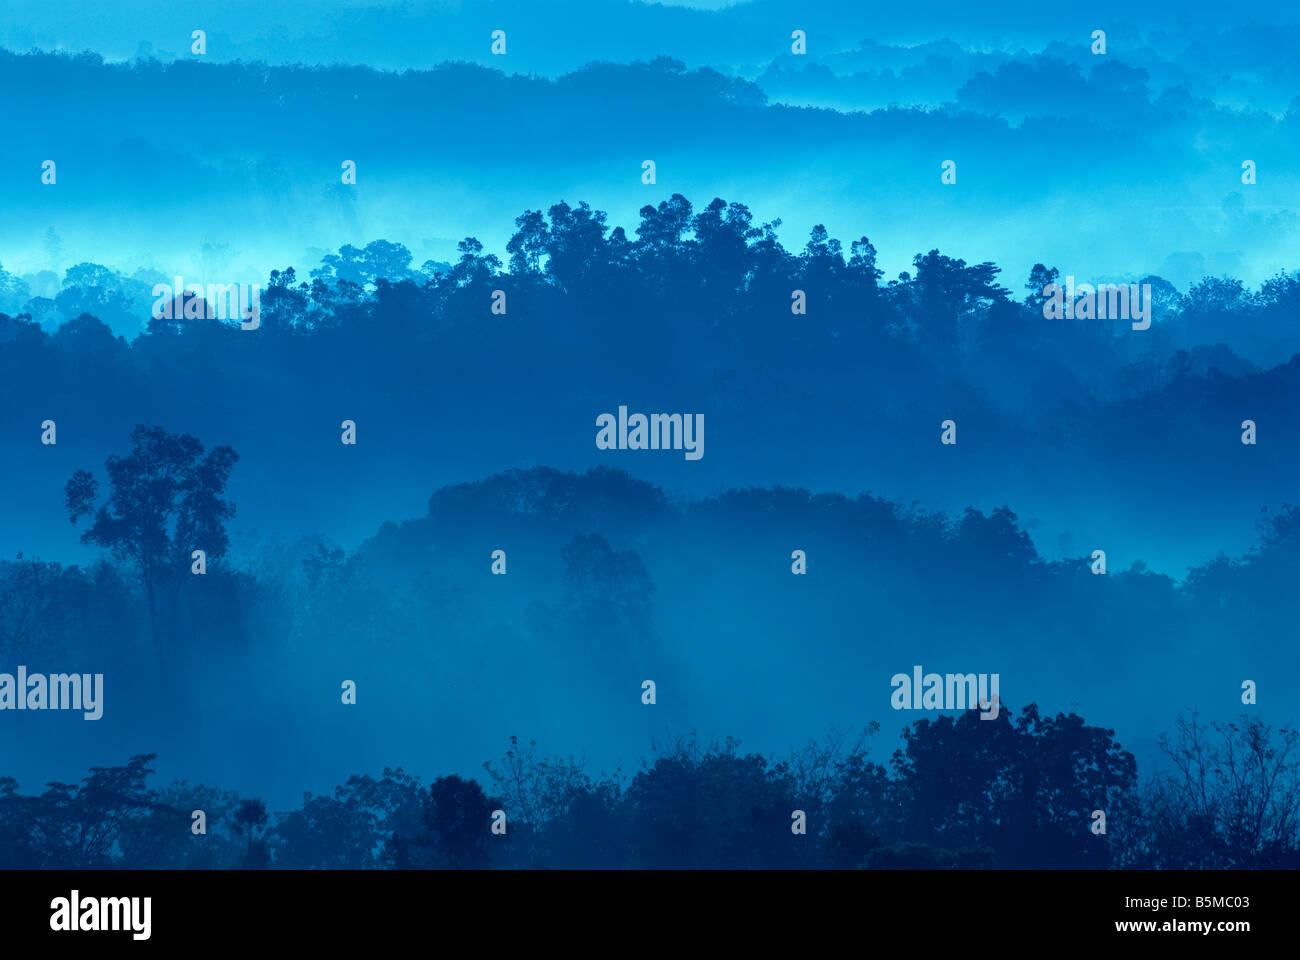 Foschia mattutina della zona collinare con raggio di luce Foto Stock